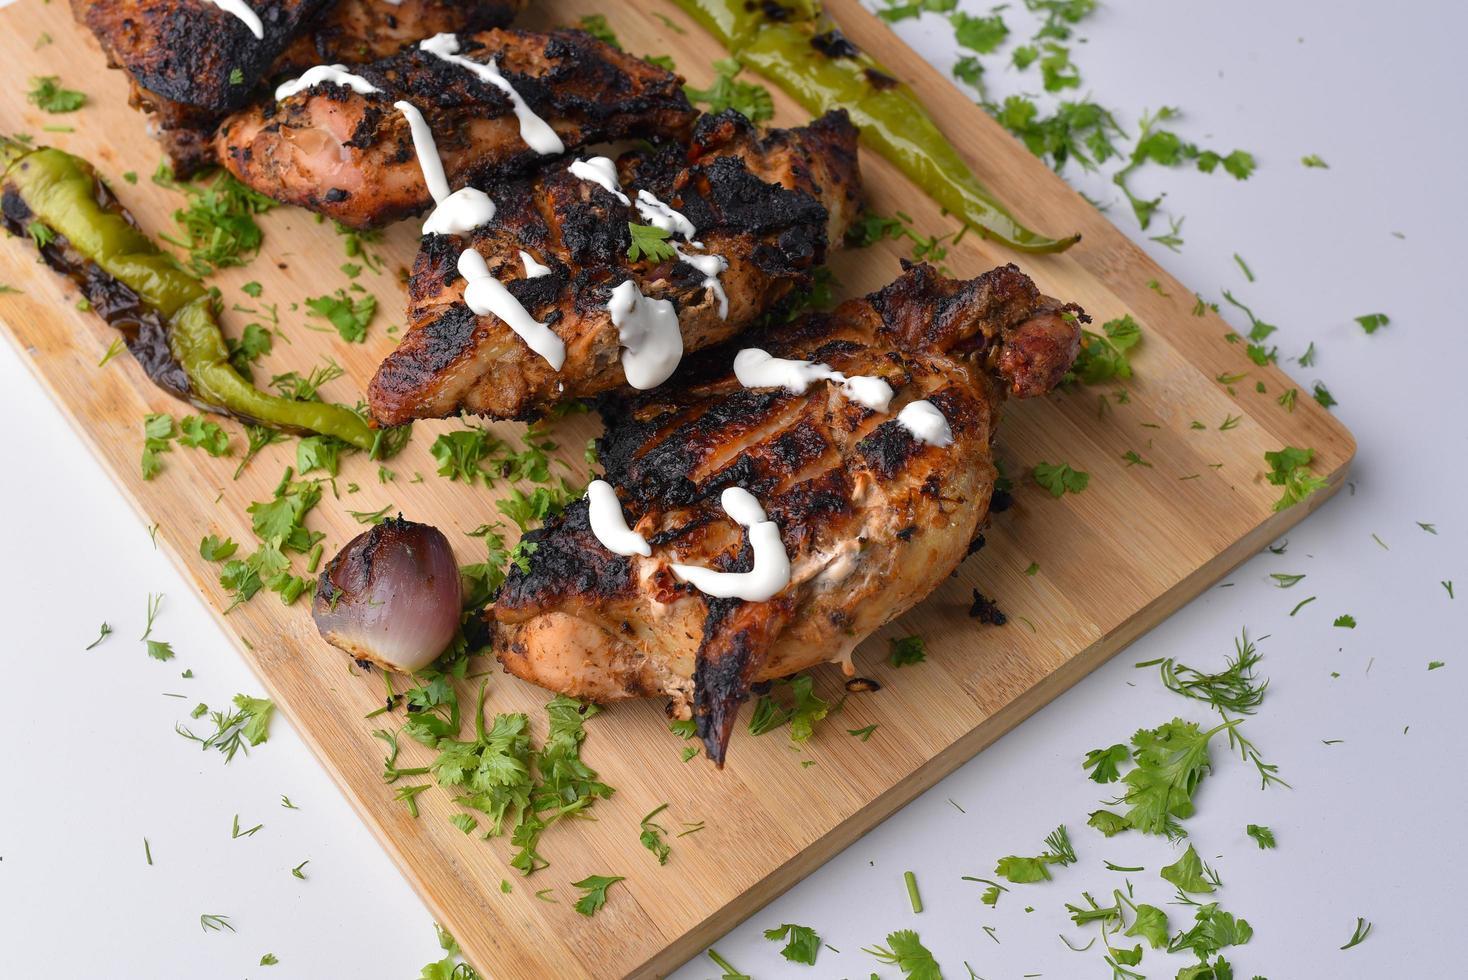 grillat kycklingbröst foto